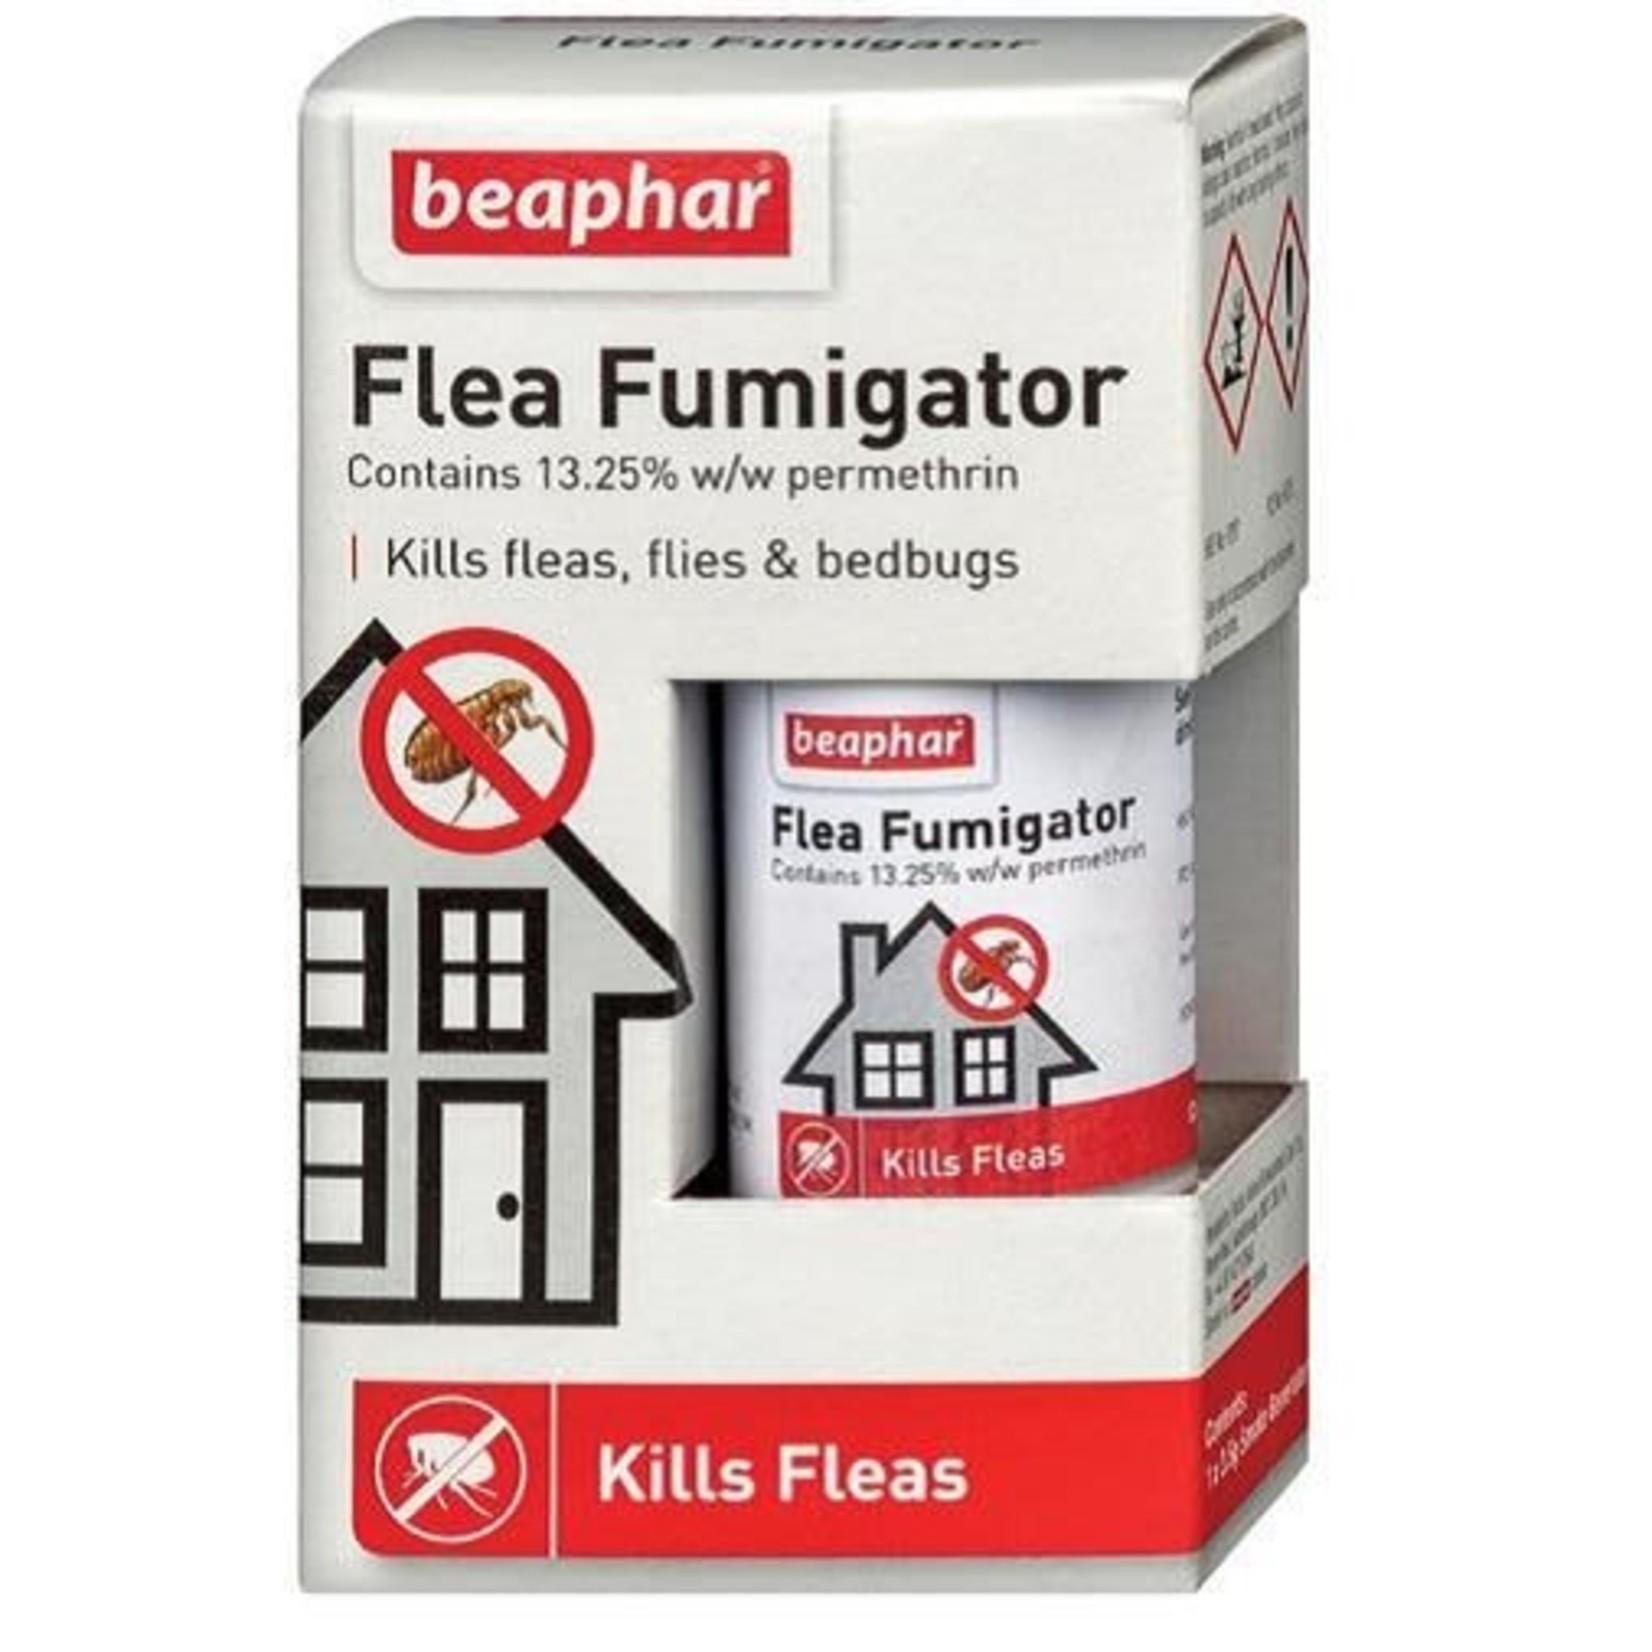 Beaphar Flea Fumigator, Kills Fleas, Flies & Bedbugs